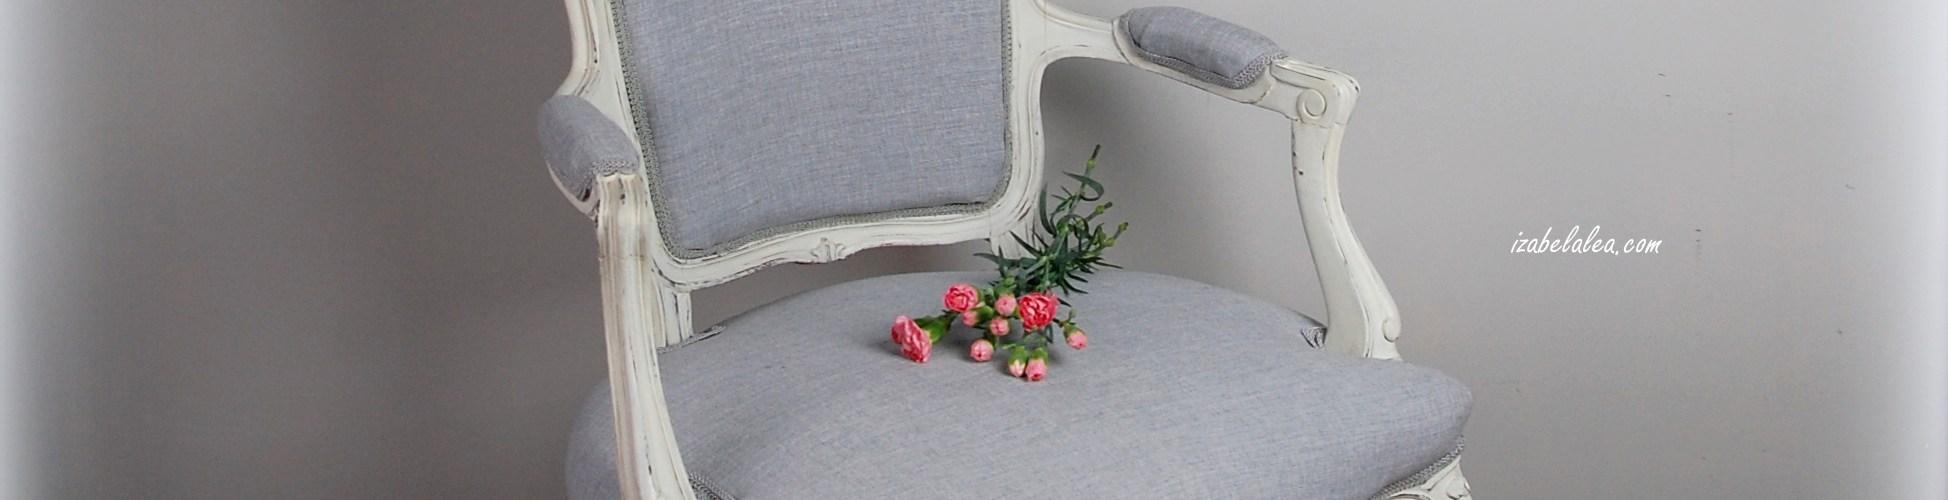 Renowacja fotela ludwikowskiego